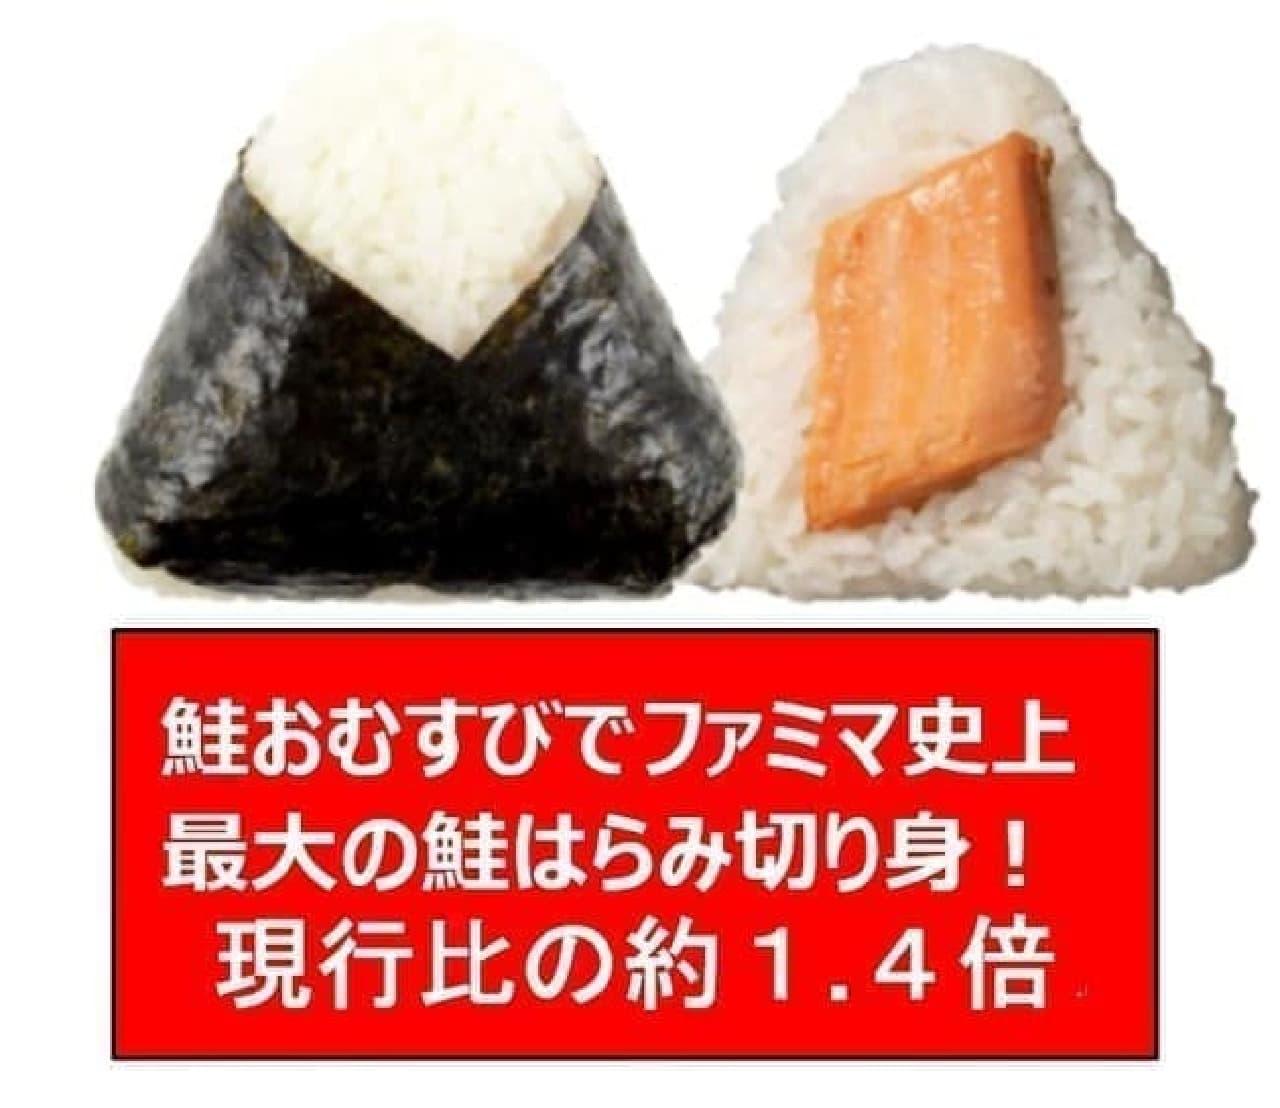 ファミリーマート「大きな鮭はらみおむすび」